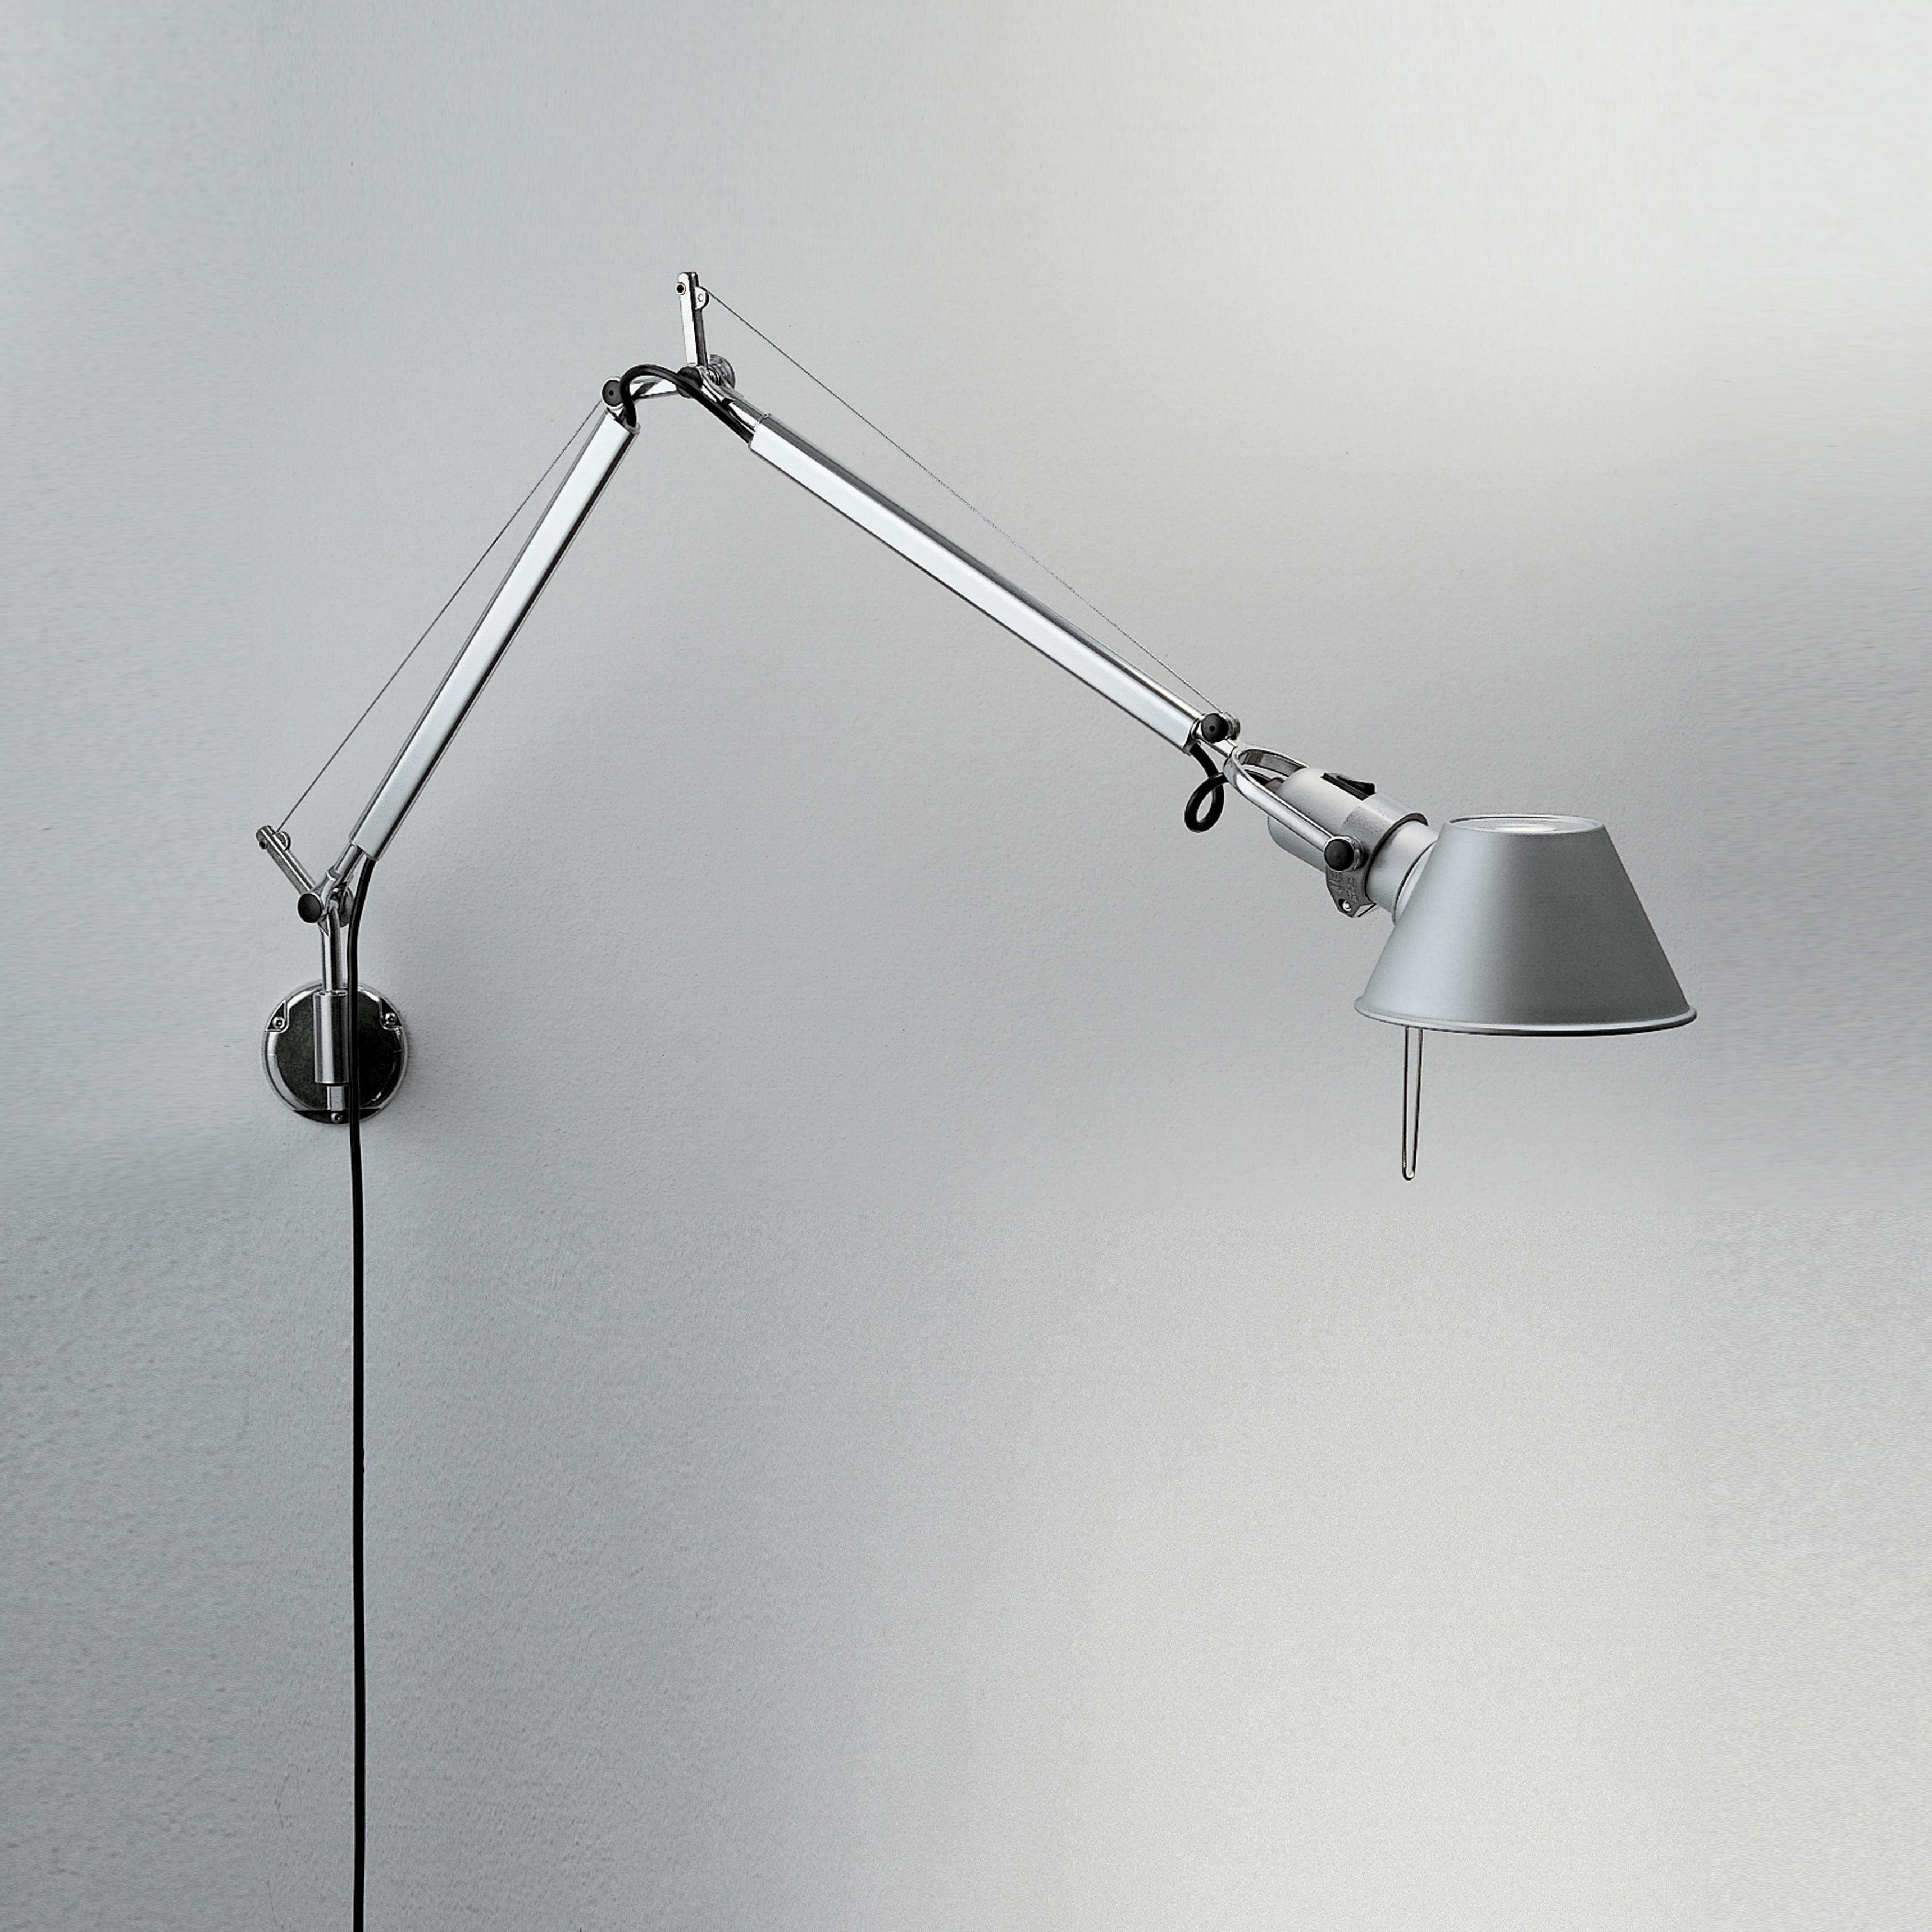 Luminaire - Appliques - Applique Tolomeo micro Wall LED / Bras articulé - Artemide - LED - Aluminium - Aluminium